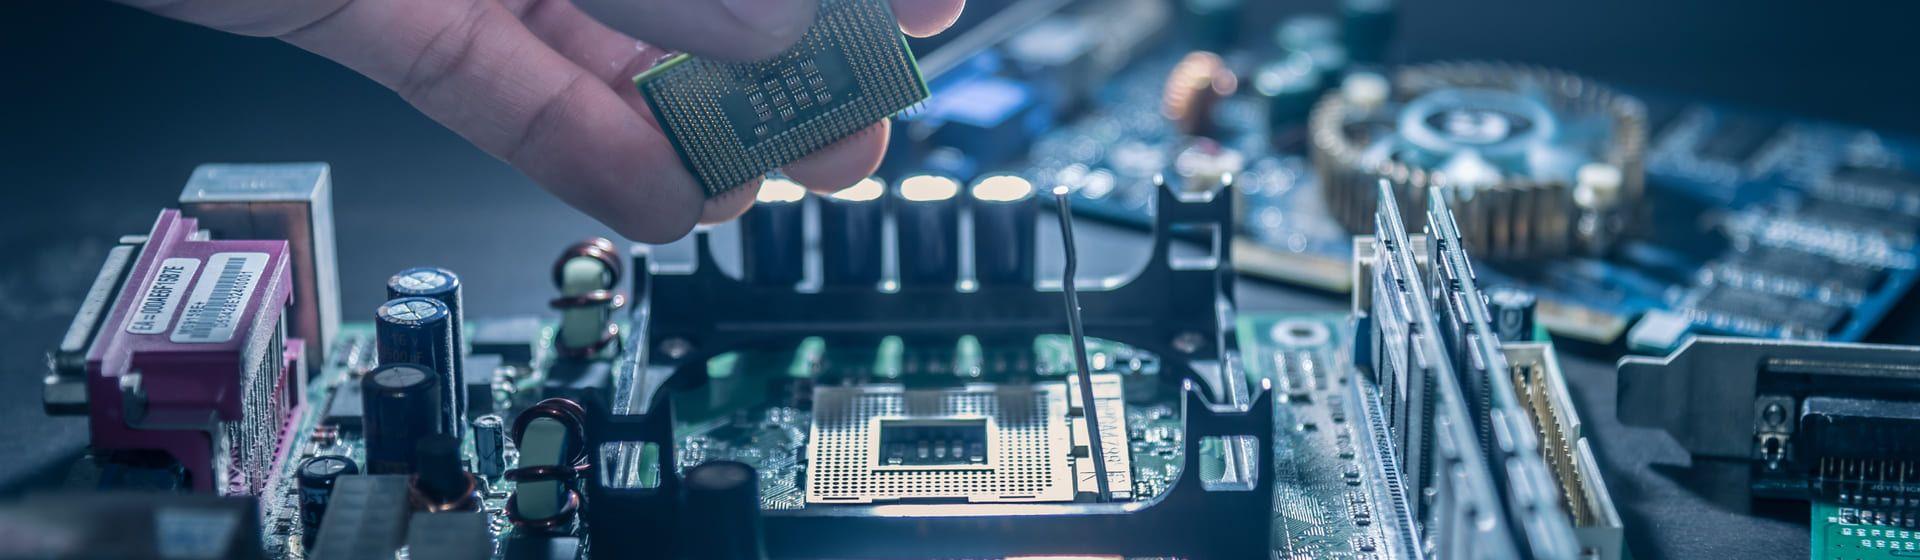 Melhor placa-mãe AM4: 8 modelos para processadores Ryzen